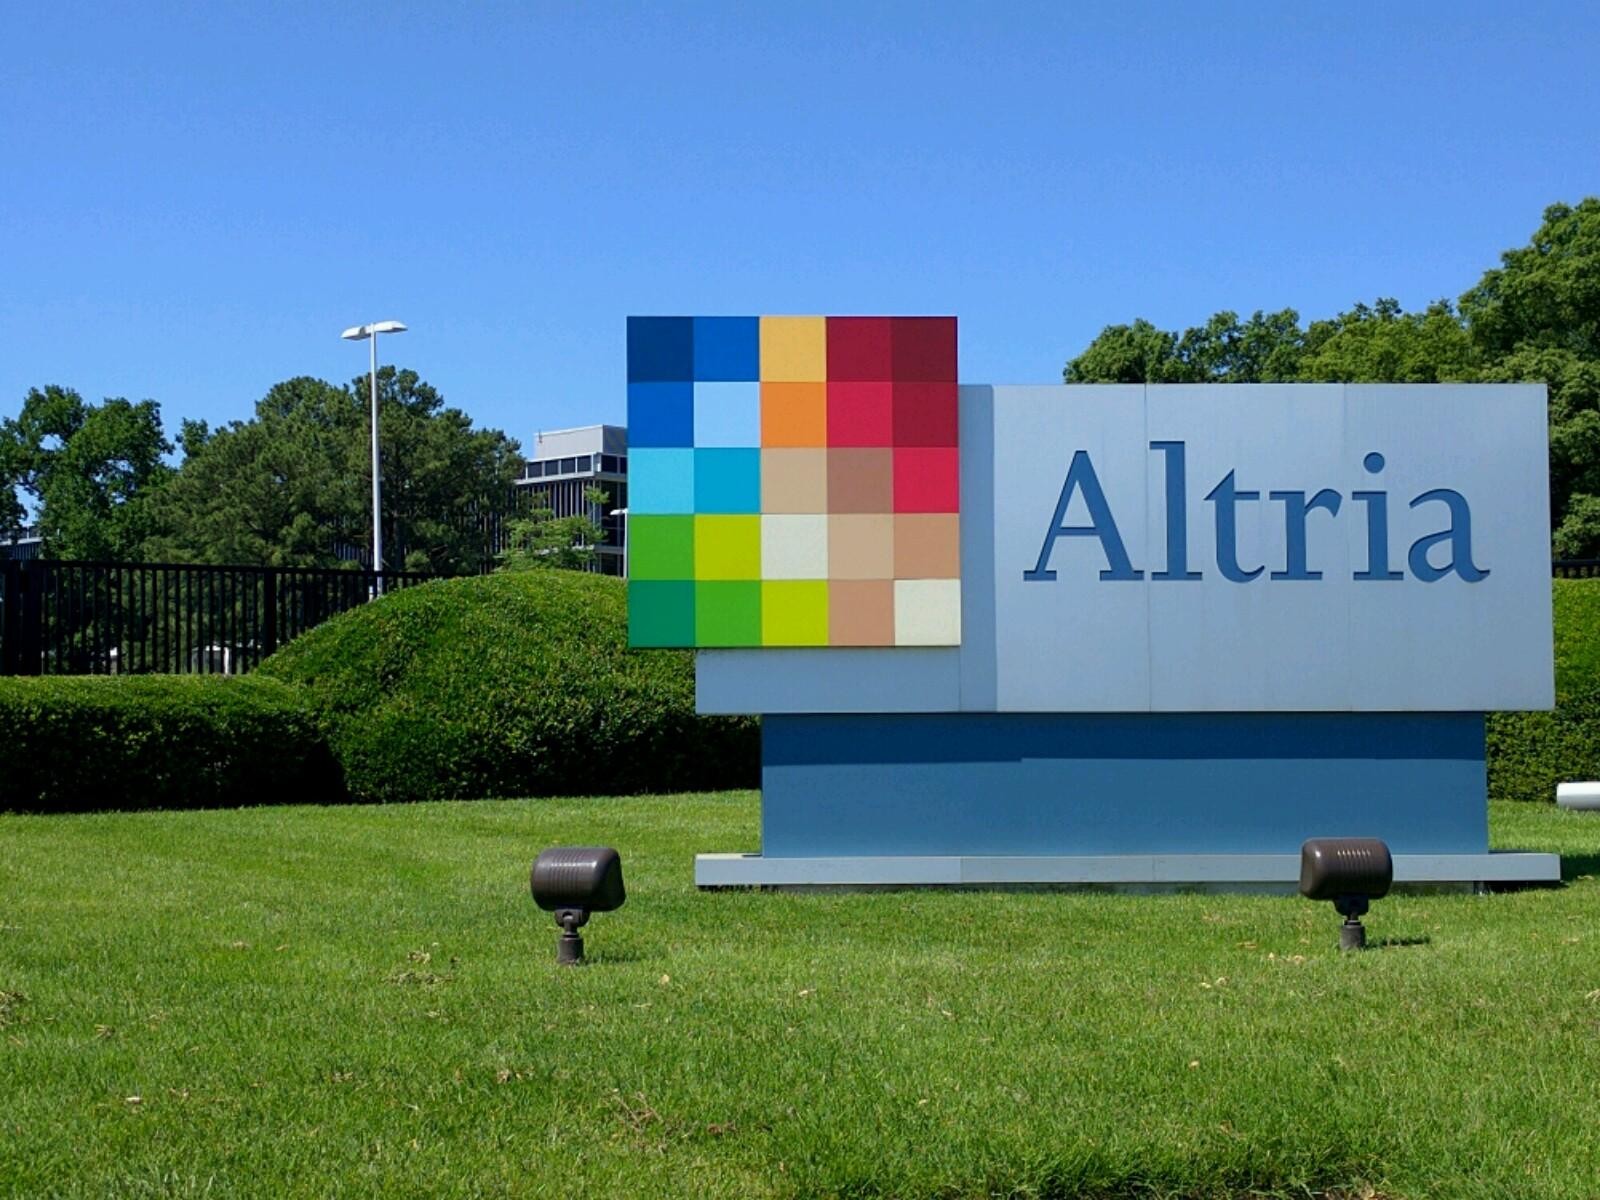 Entrance to Altria's corporate headquarters in Richmond, Virginia.